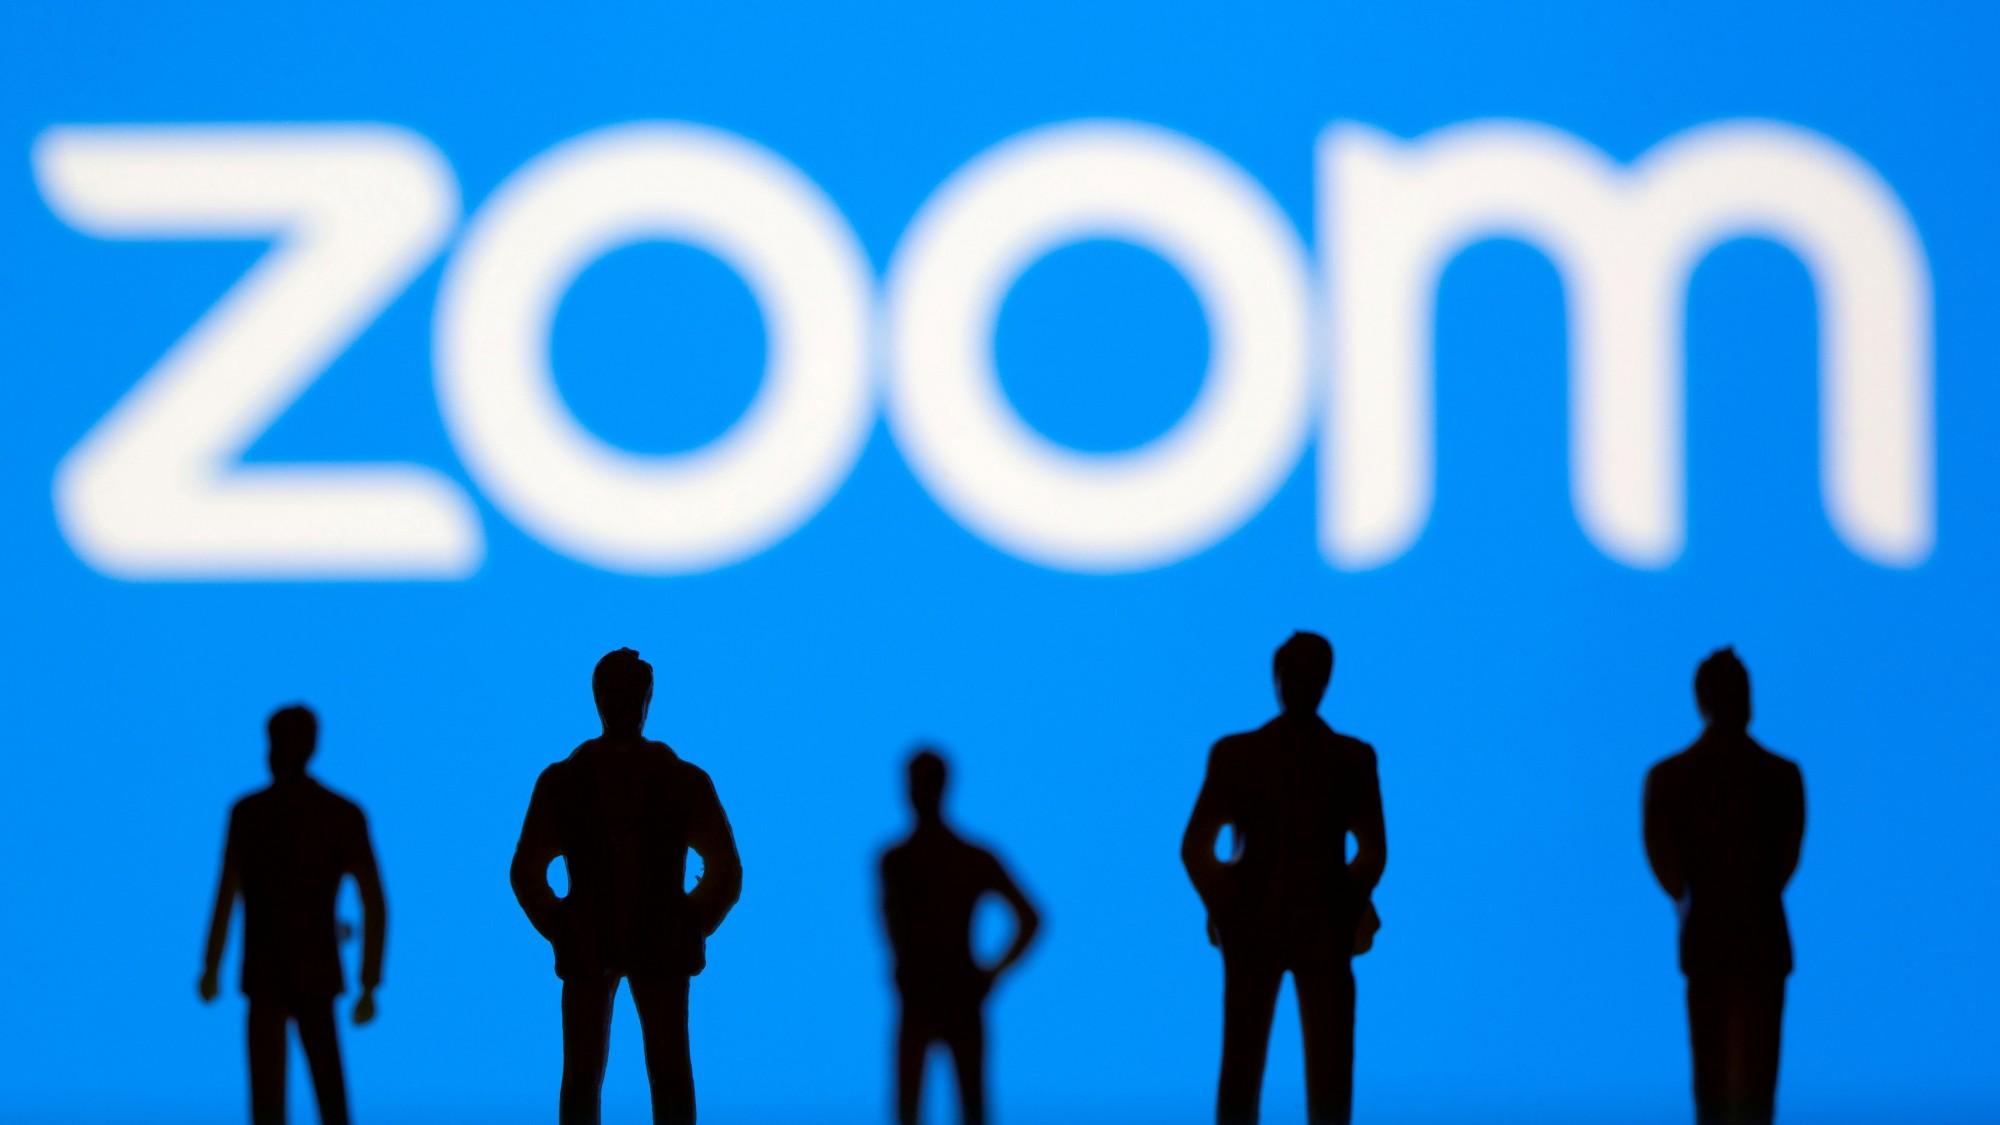 Zoom выплатит 85 млн долларов за нарушение конфиденциальности пользователей